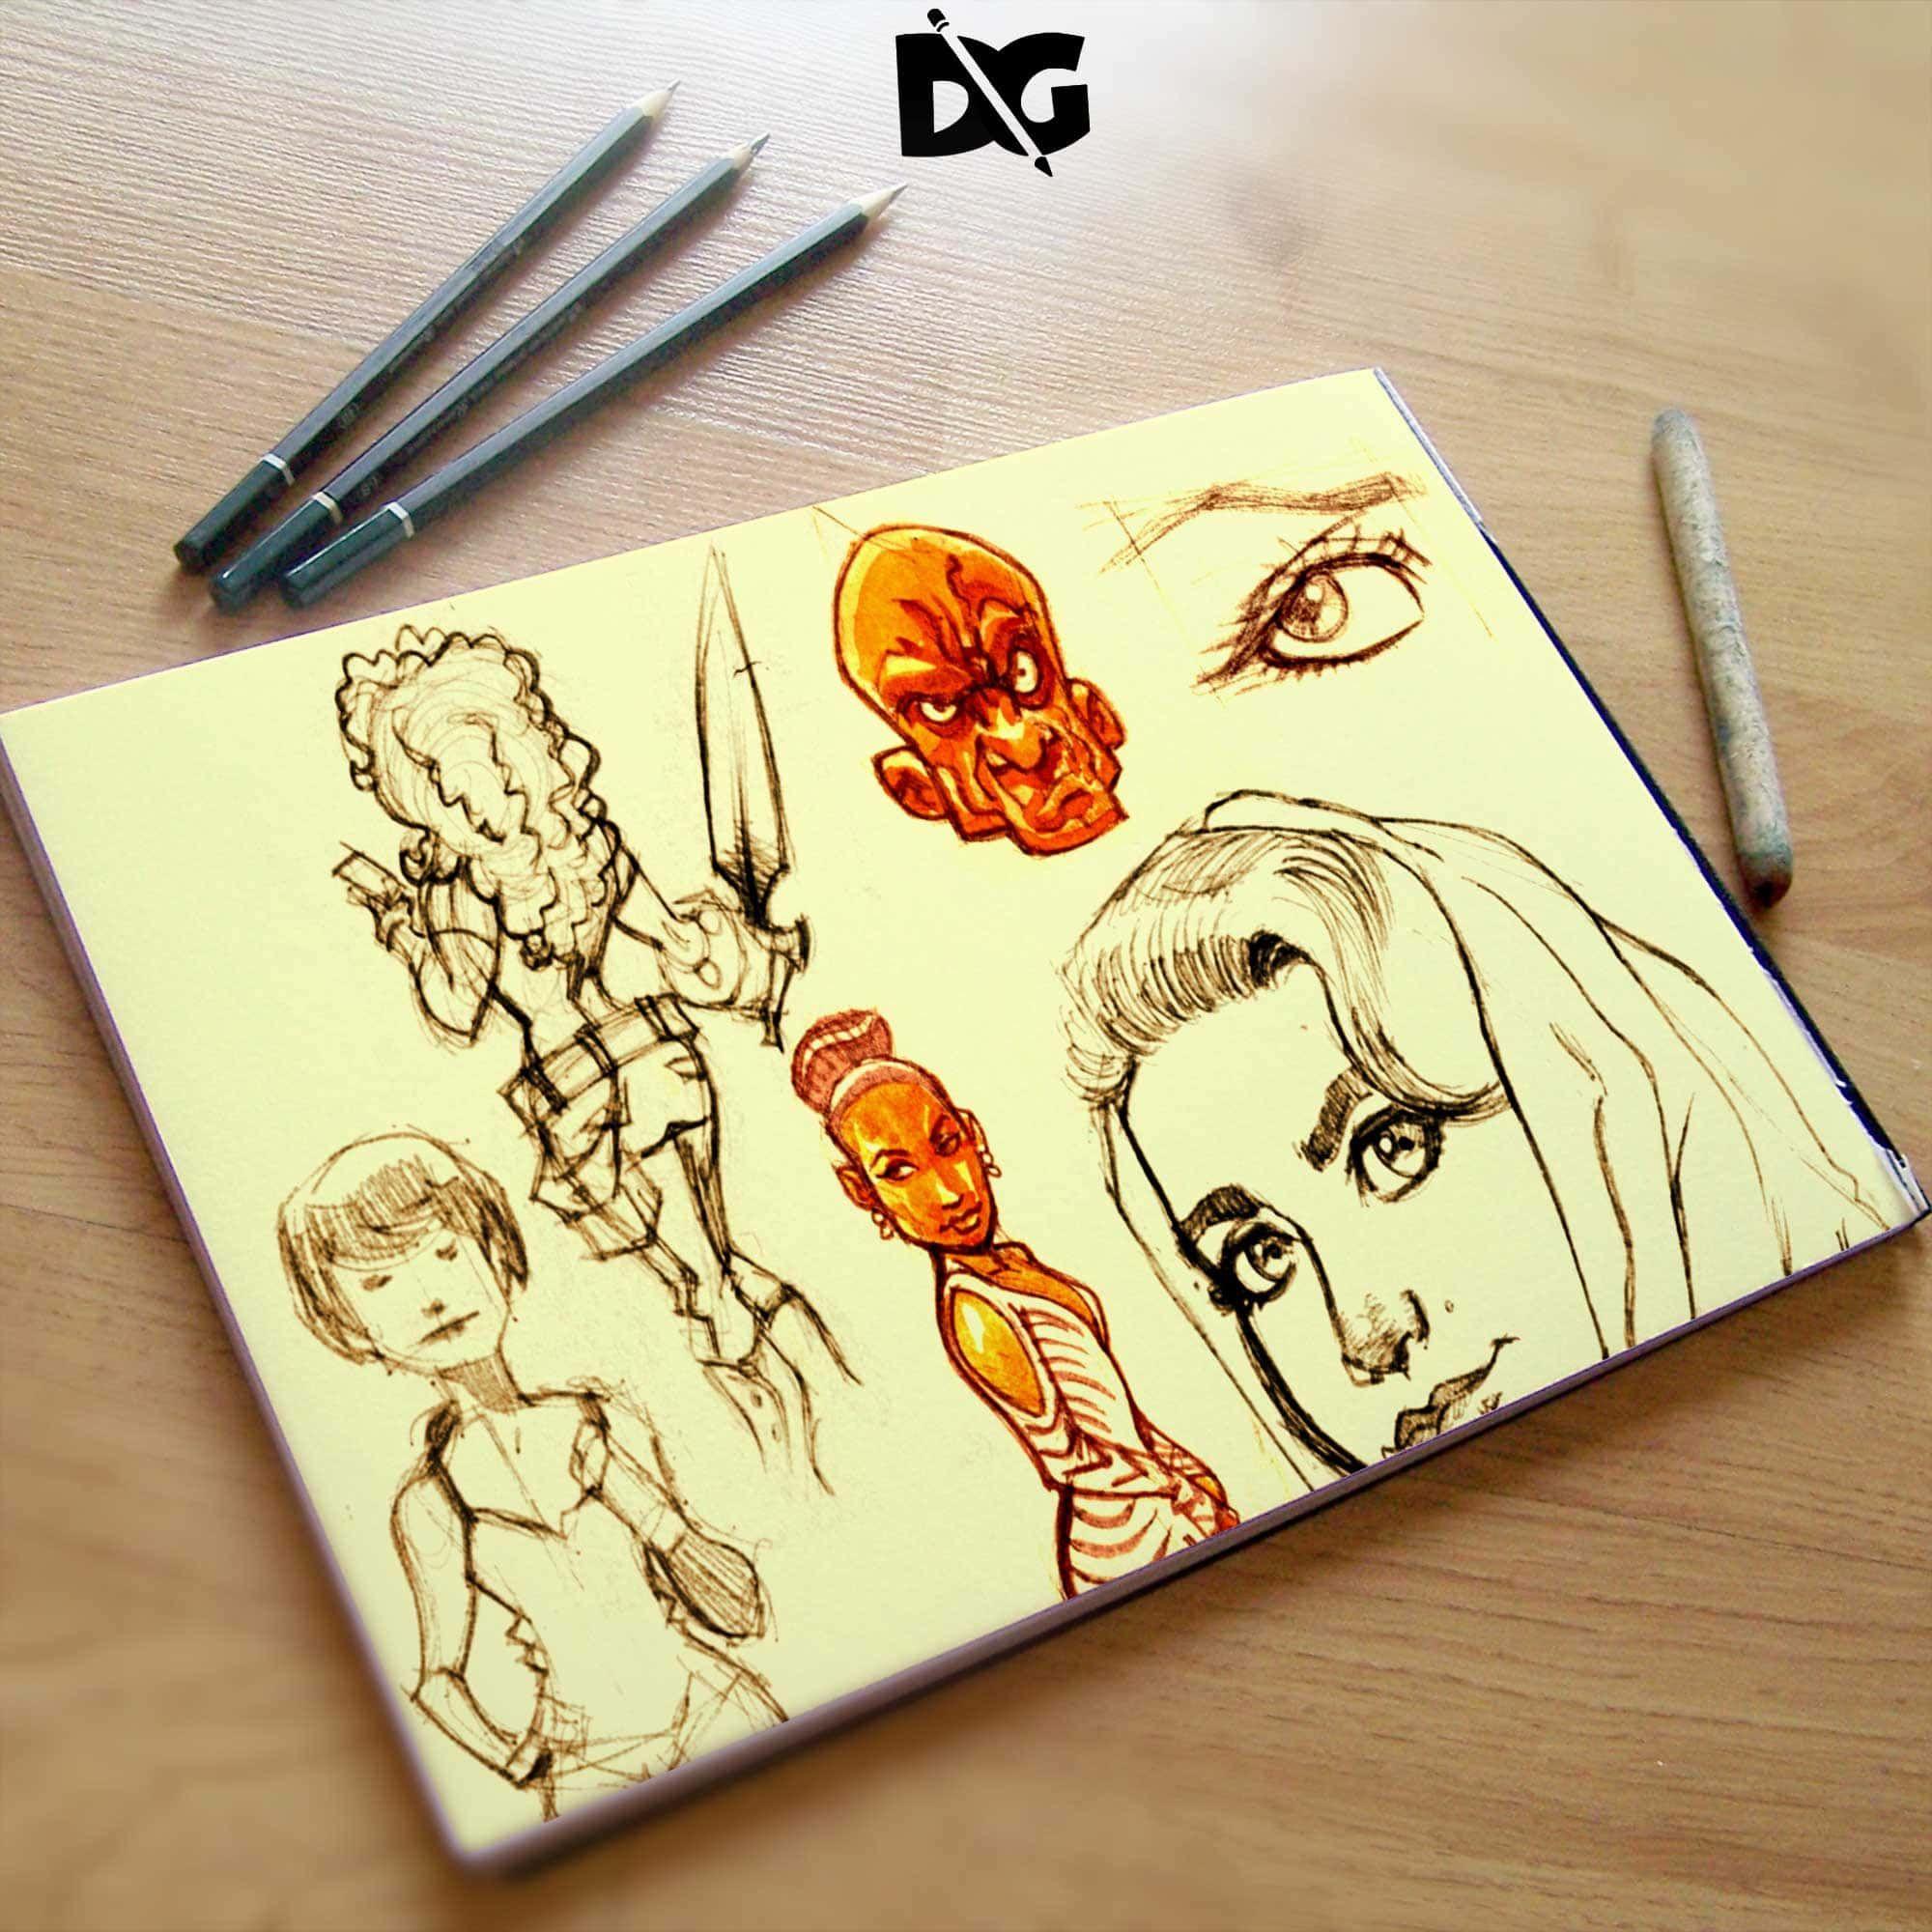 Free Download Sketchpad Design Mockup Design Mockup Free Free Logo Mockup Free Logo Psd